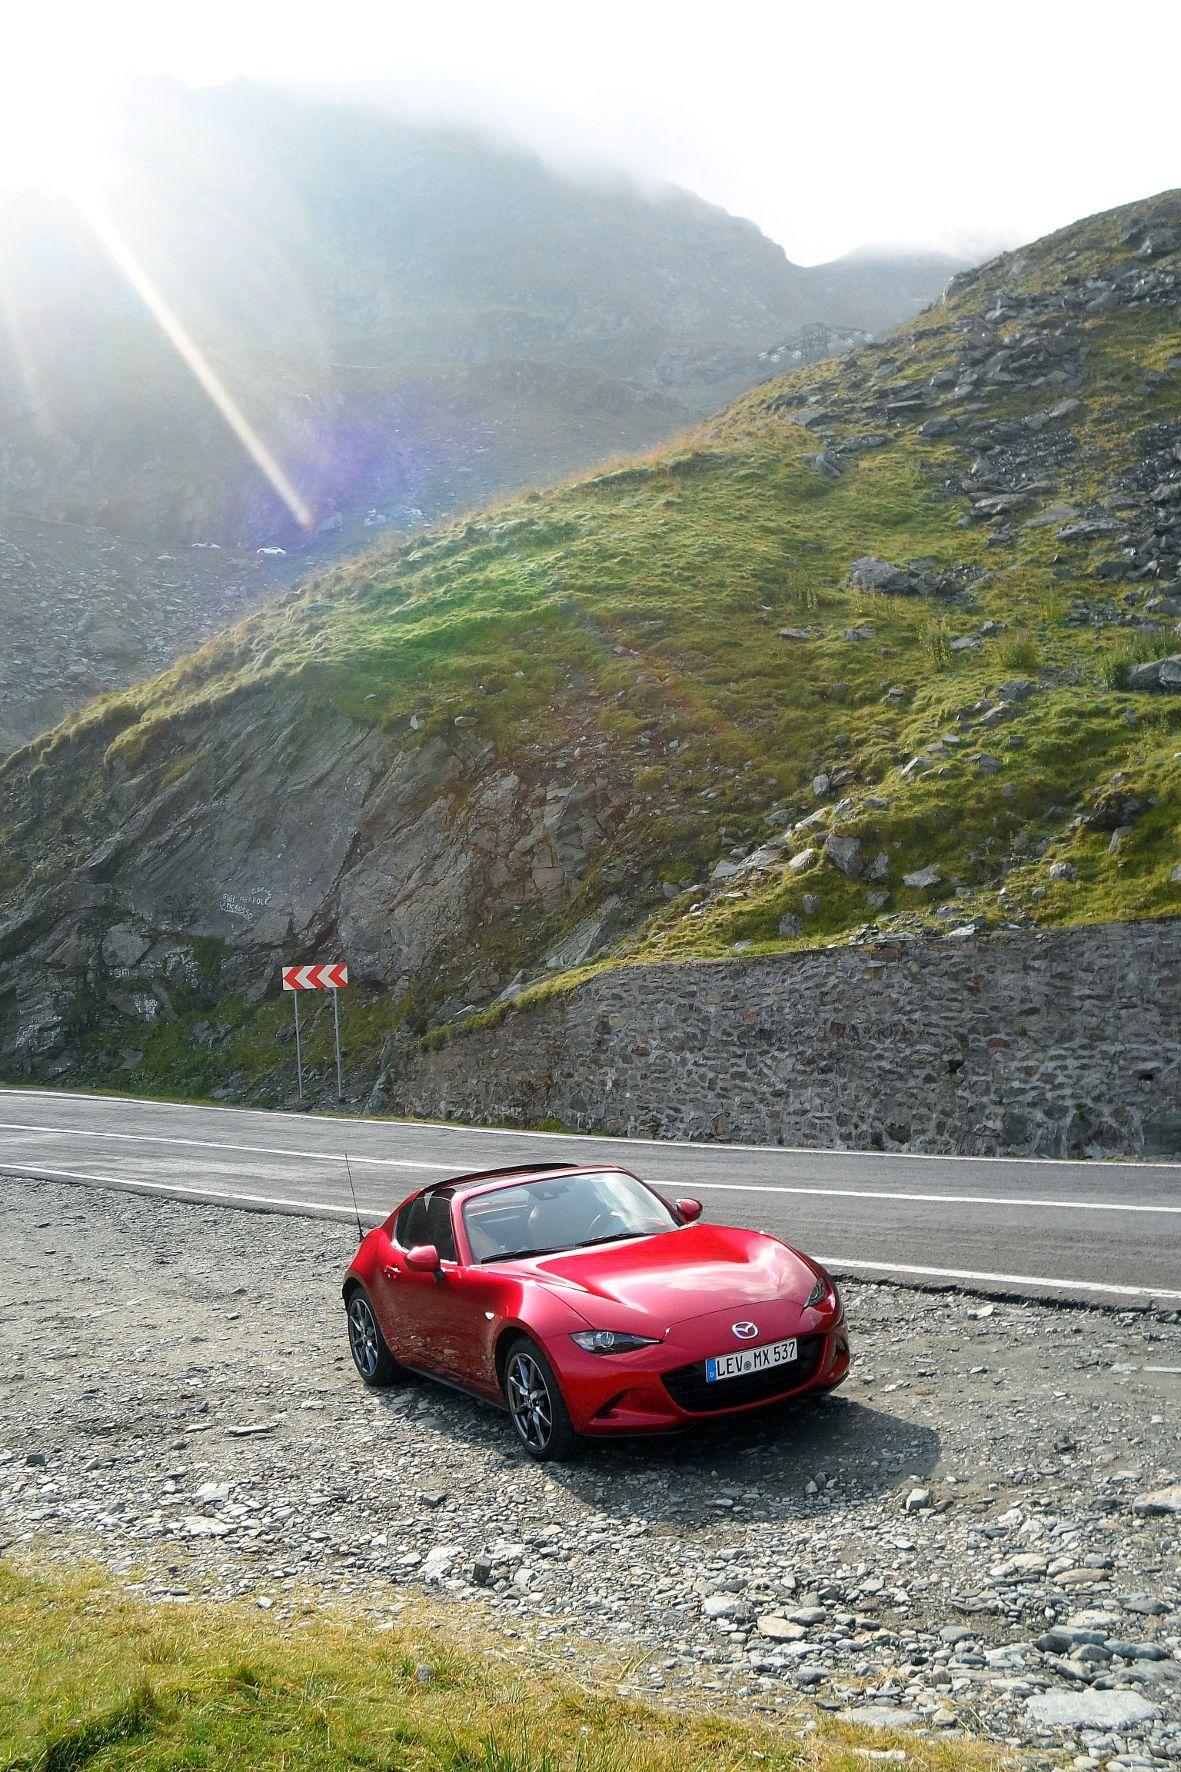 Der überarbeitete Mazda MX-5 schnuppert auf der Transfagarasan-Alpenstraße Höhenluft.